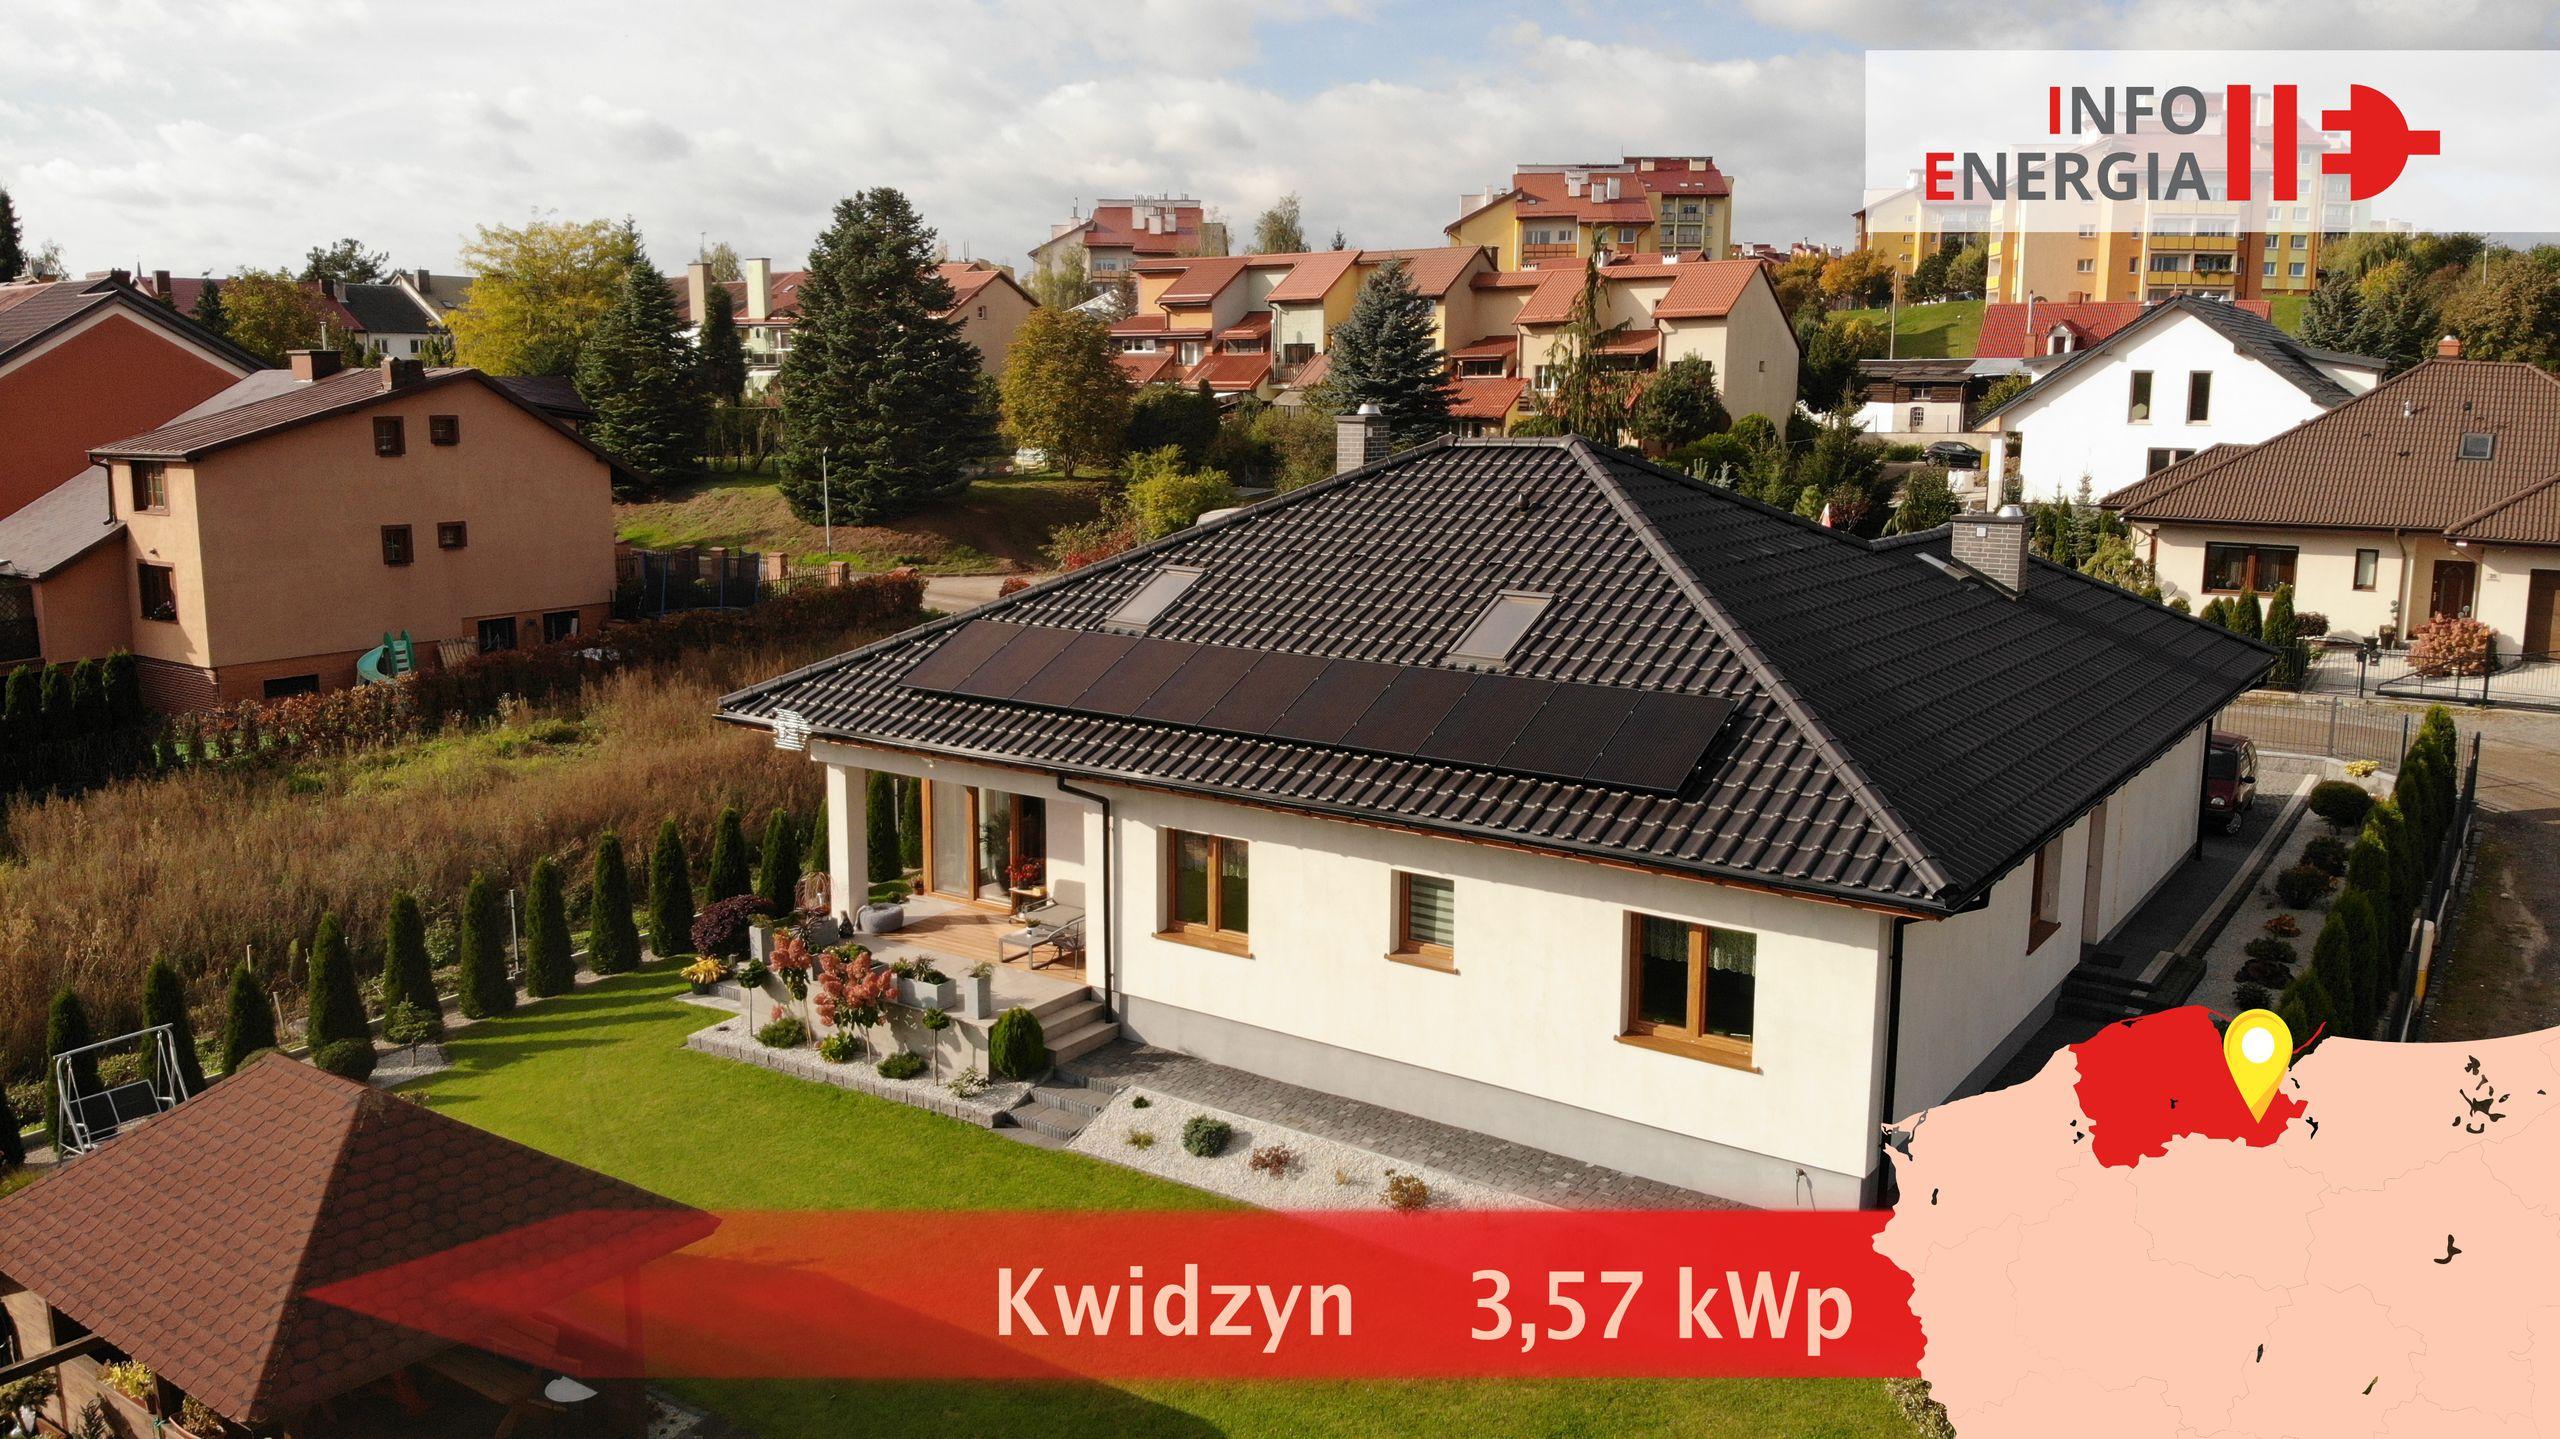 Fotowoltaika Kwidzyn. Instalacje fotowoltaiczne Kwidzyn i pompy ciepła. Dofinansowanie 2021